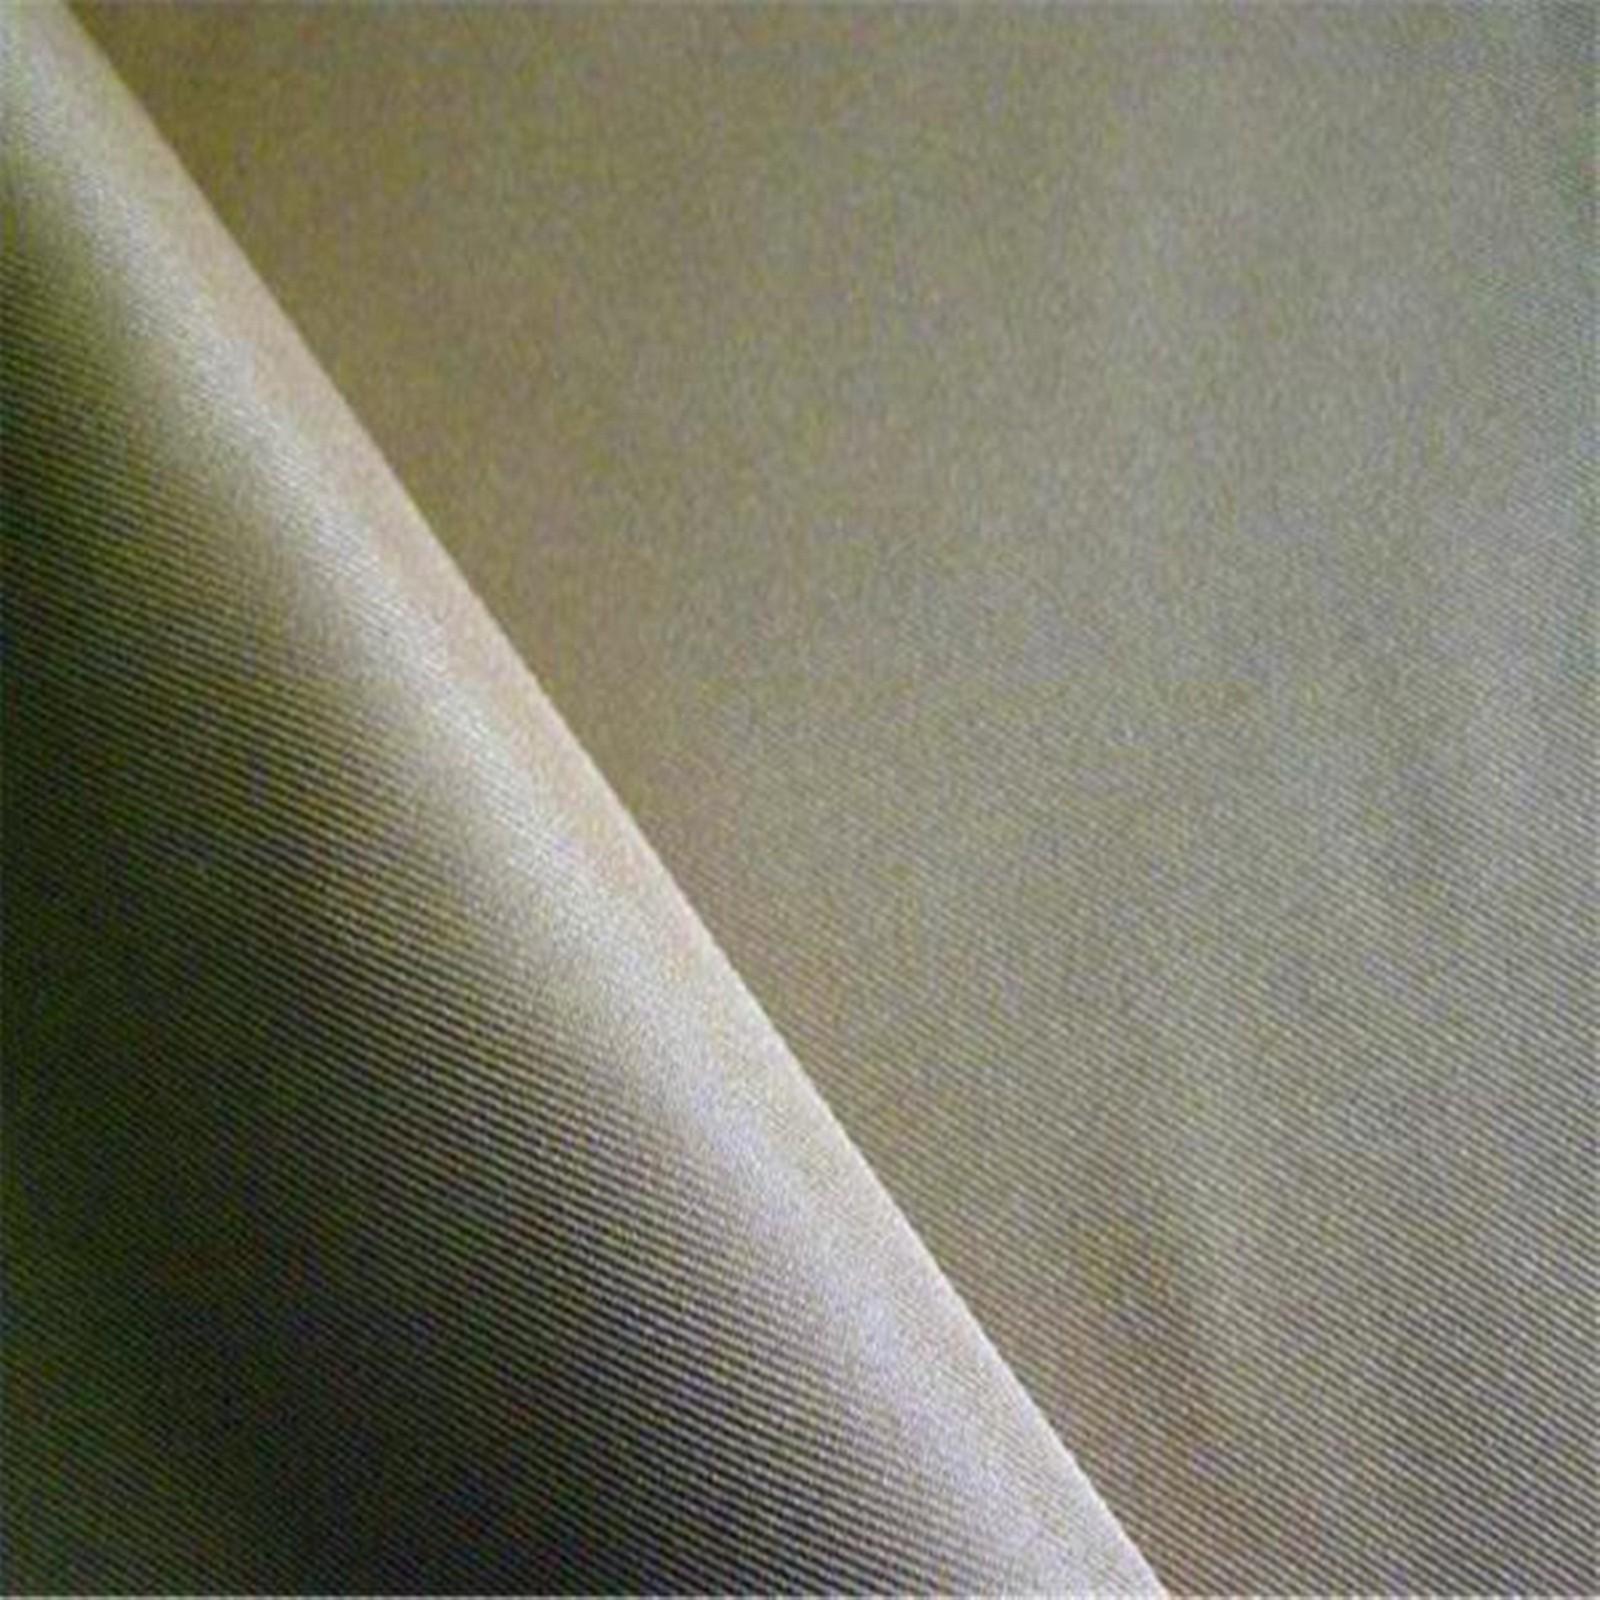 新款涤纶斜纹桃皮绒 儿童抱枕口袋面料 环保染色图片三